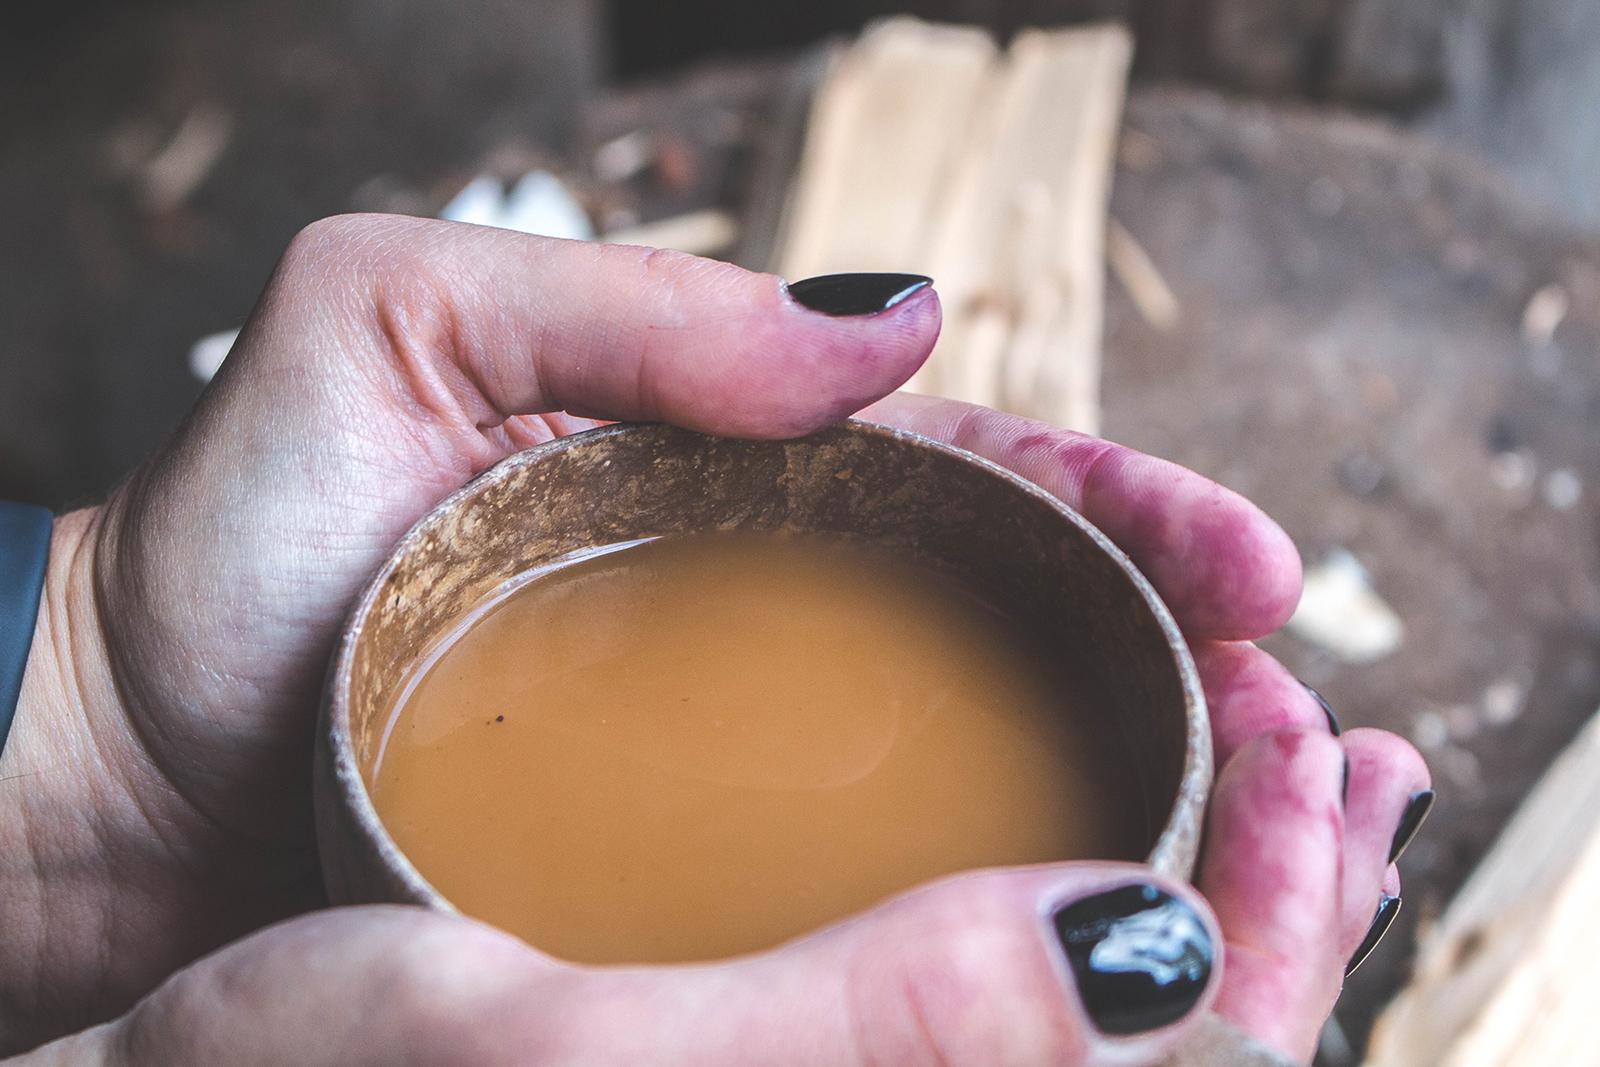 Op vakantie naar Finland - koffiedrinken